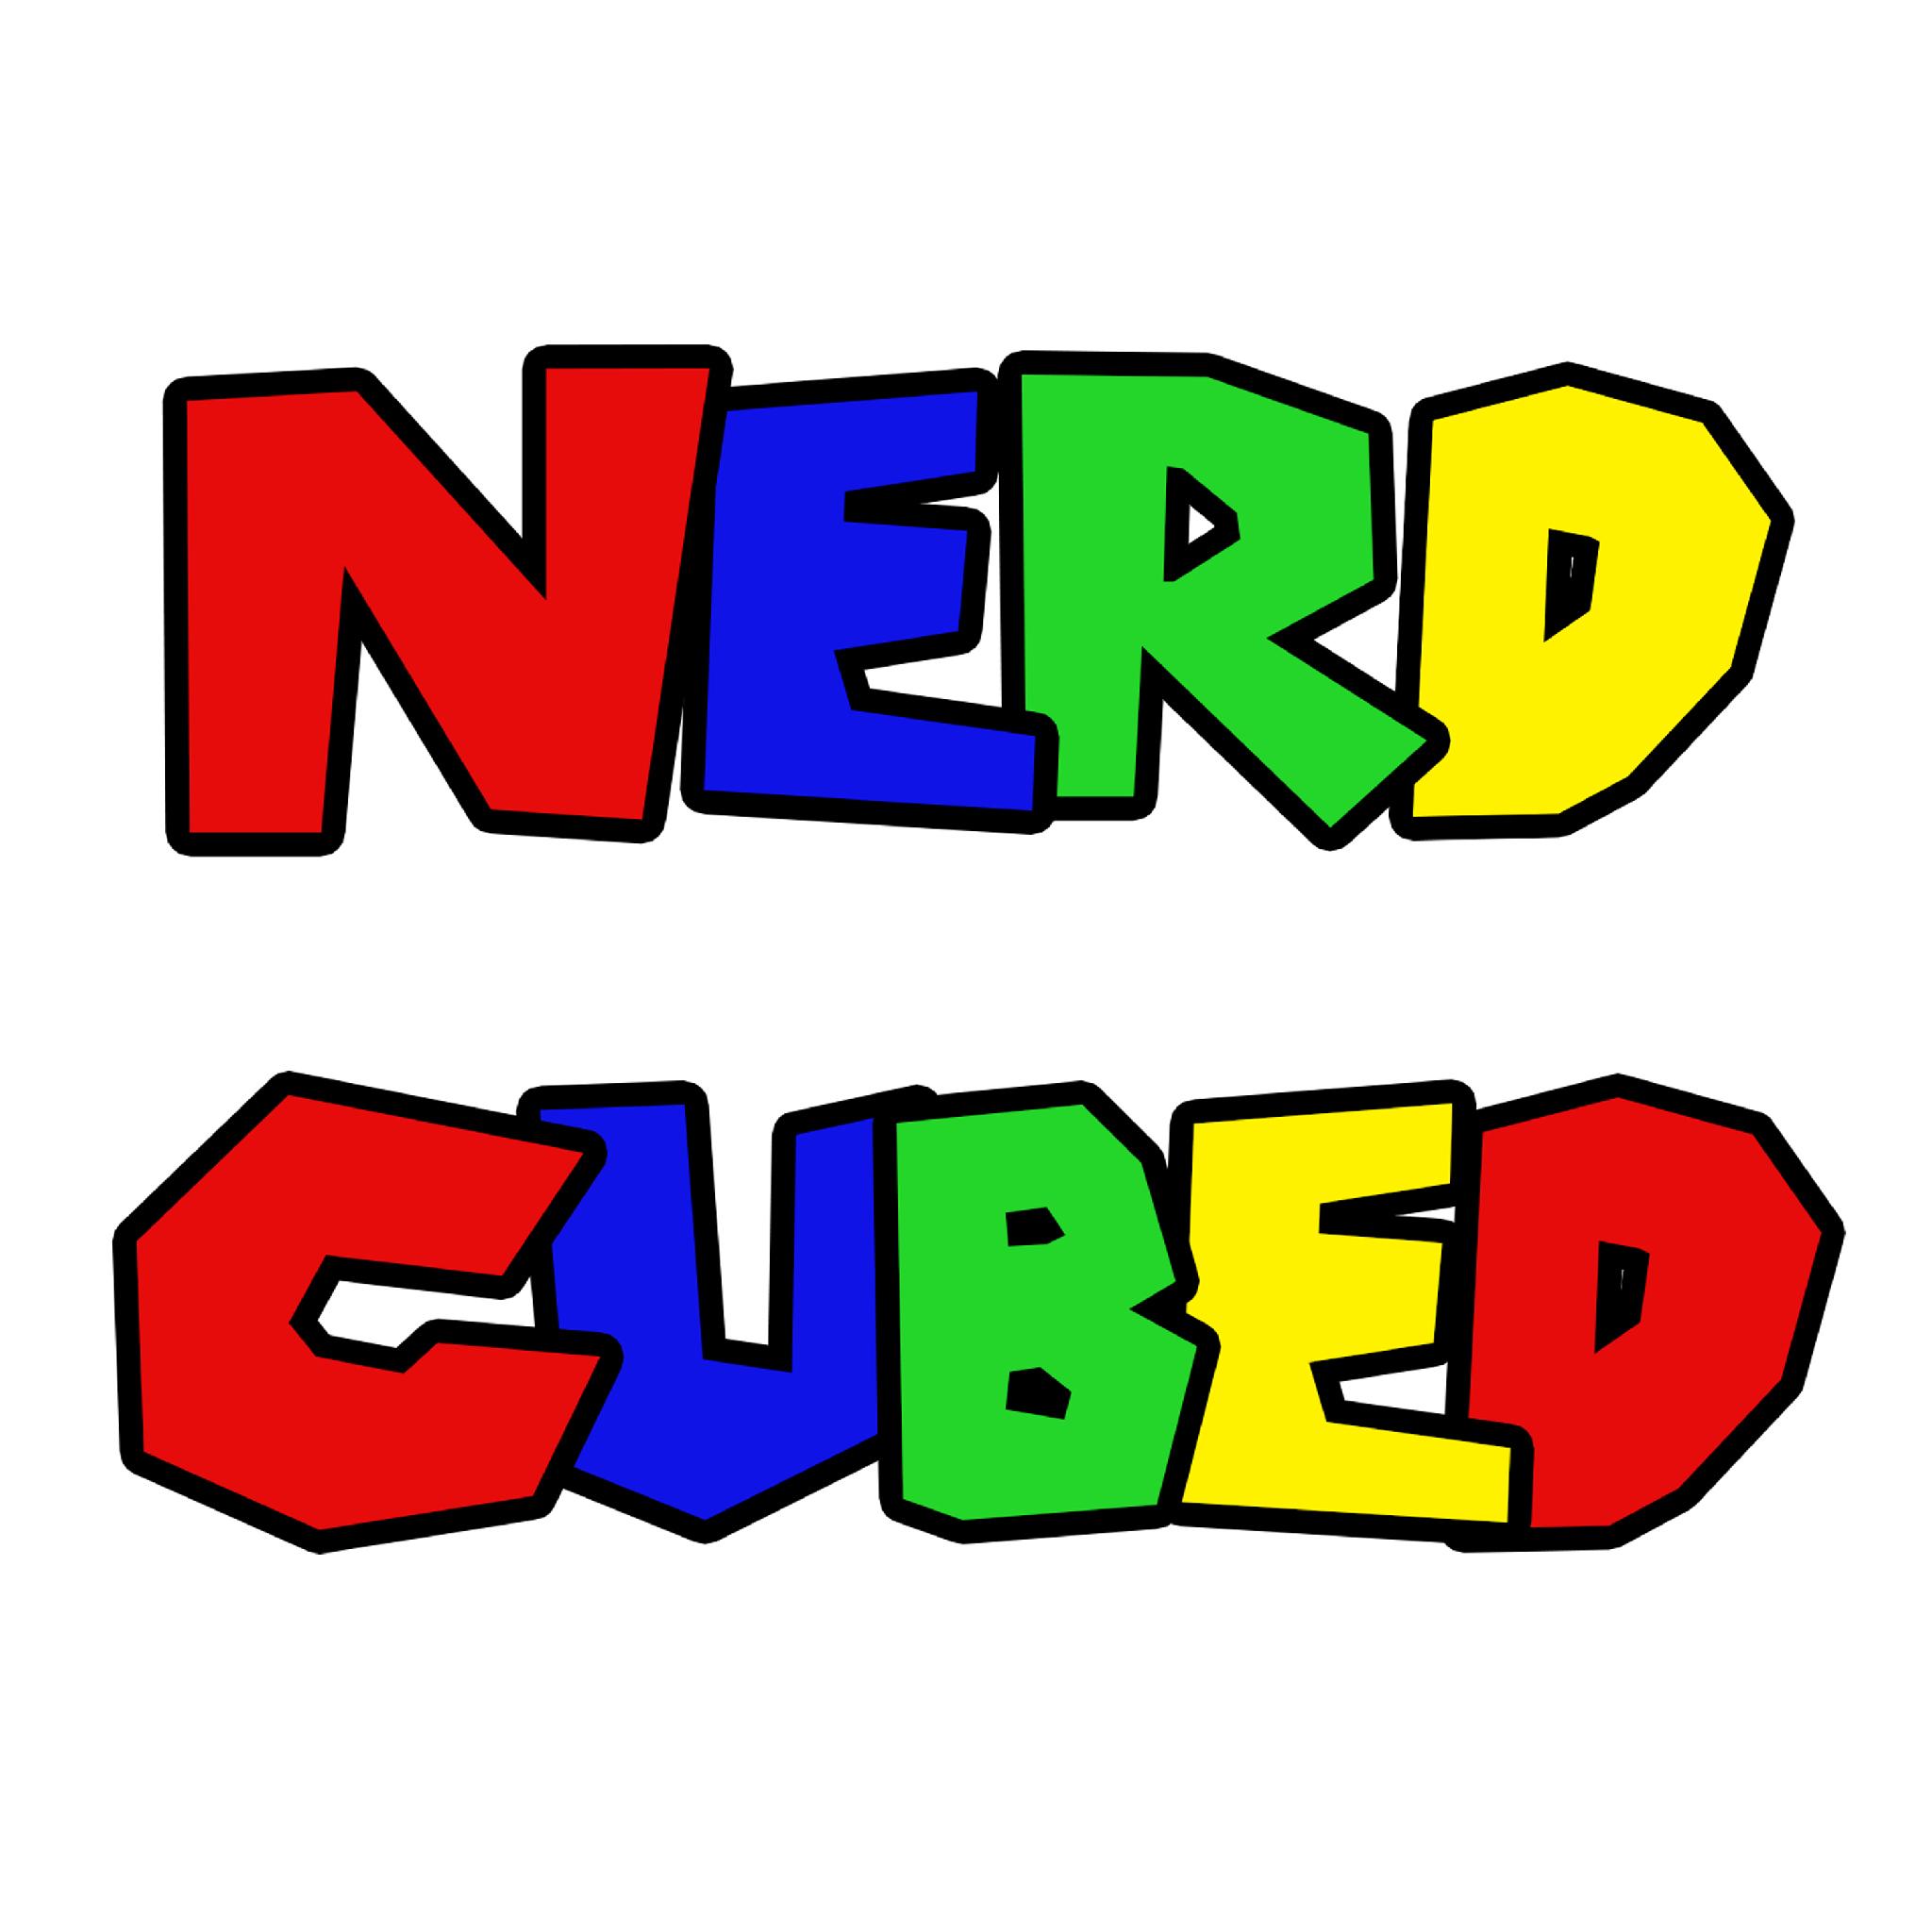 Nerd Cubed